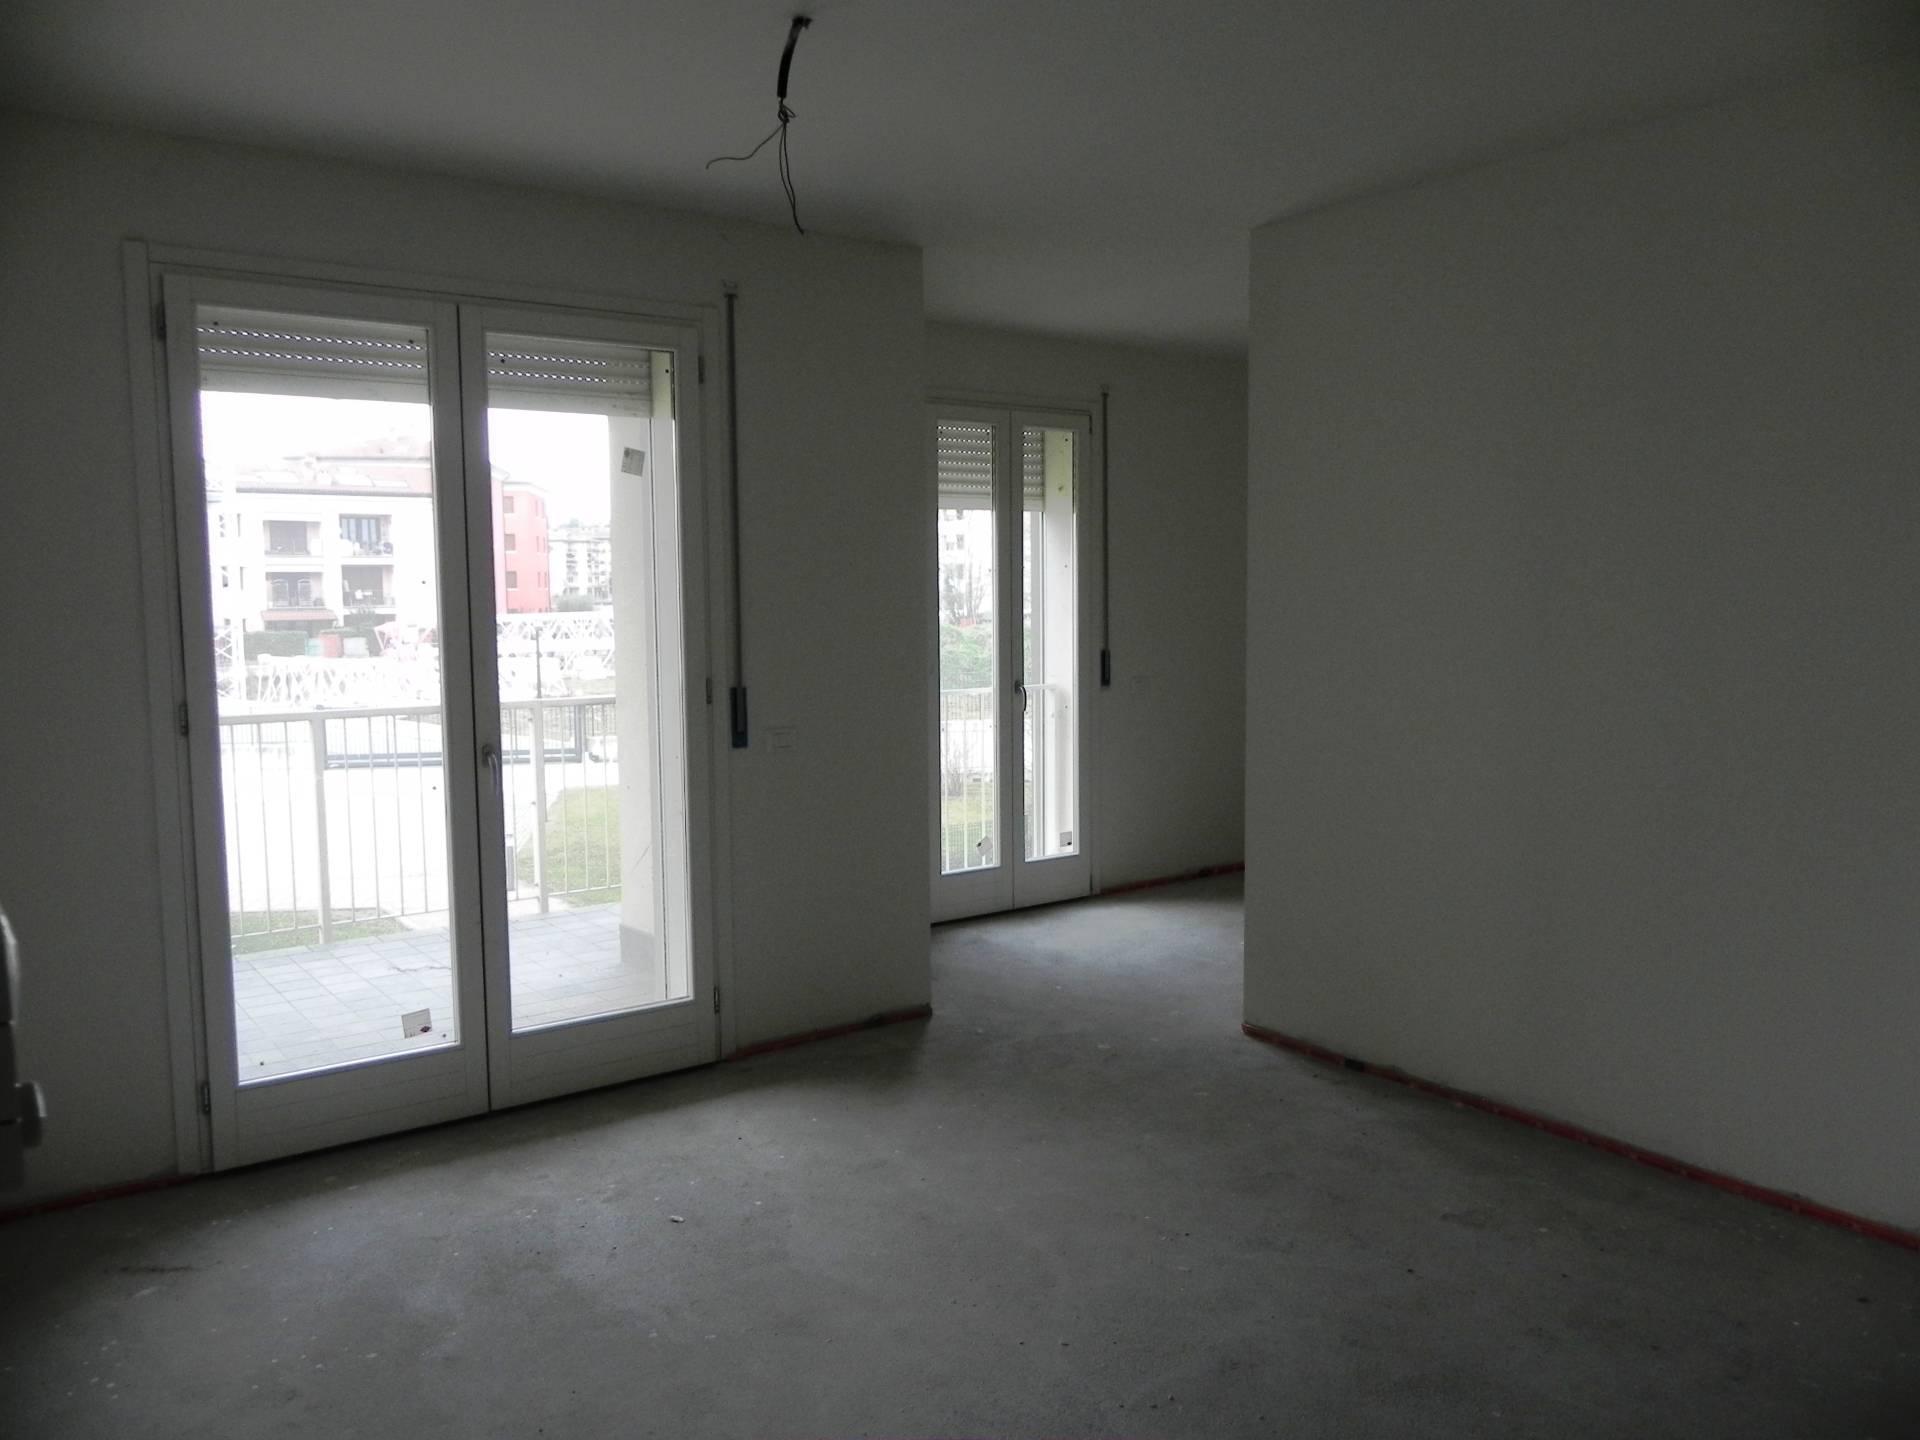 Appartamento in vendita a San Martino Buon Albergo, 3 locali, prezzo € 210.000   CambioCasa.it